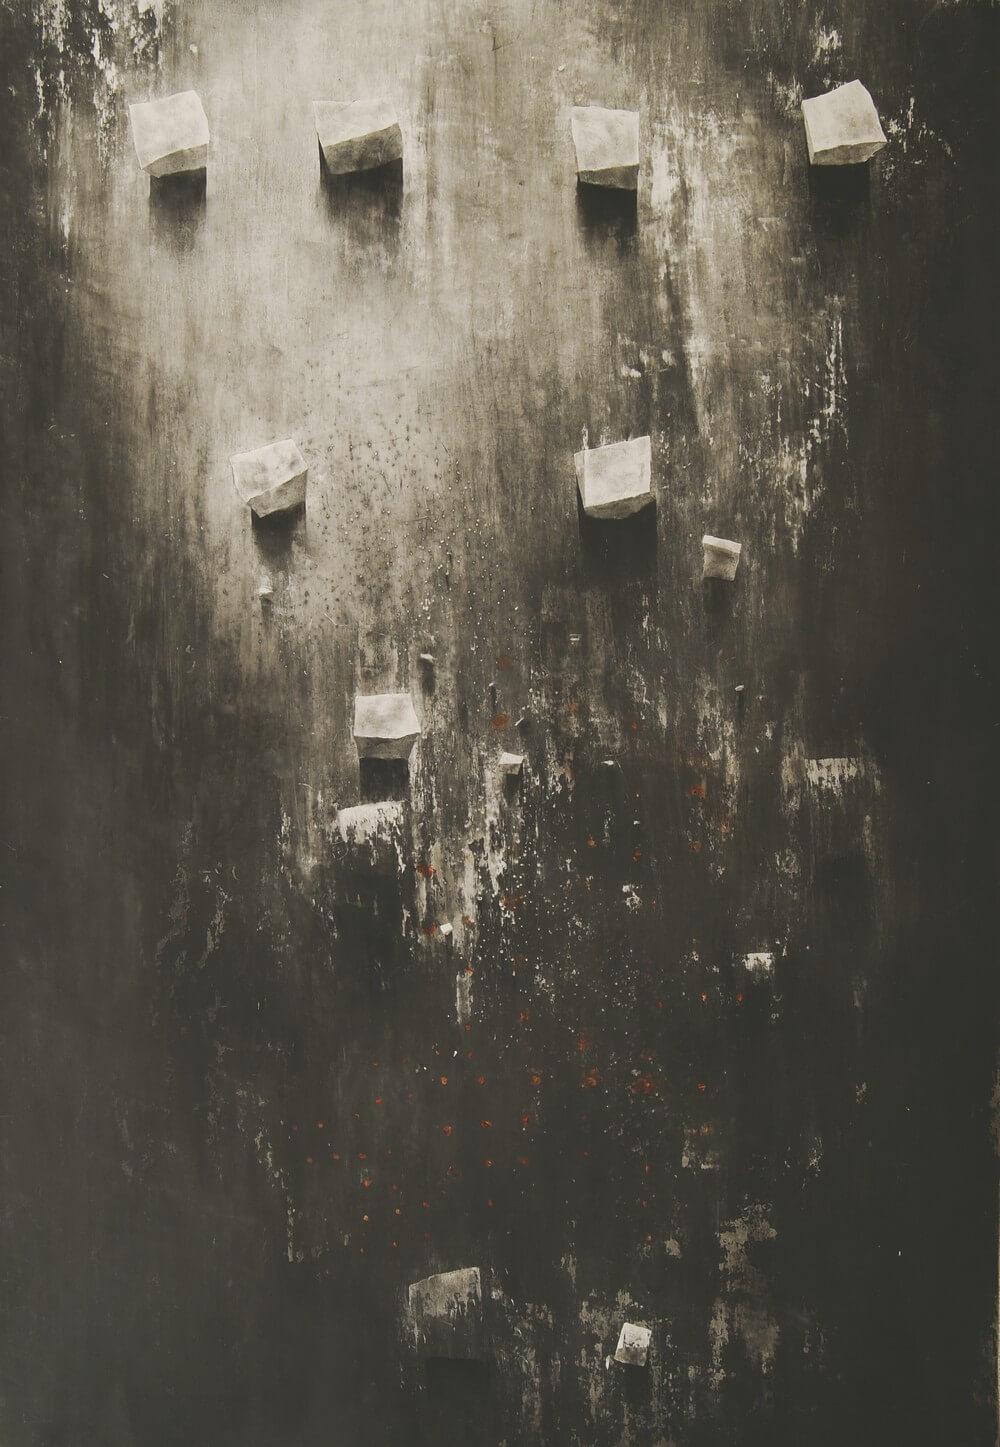 abstrakcja: tło ciemnoszare i jasnoszare, na jasnoszarym kilka brył, nieforemnych sześcianów